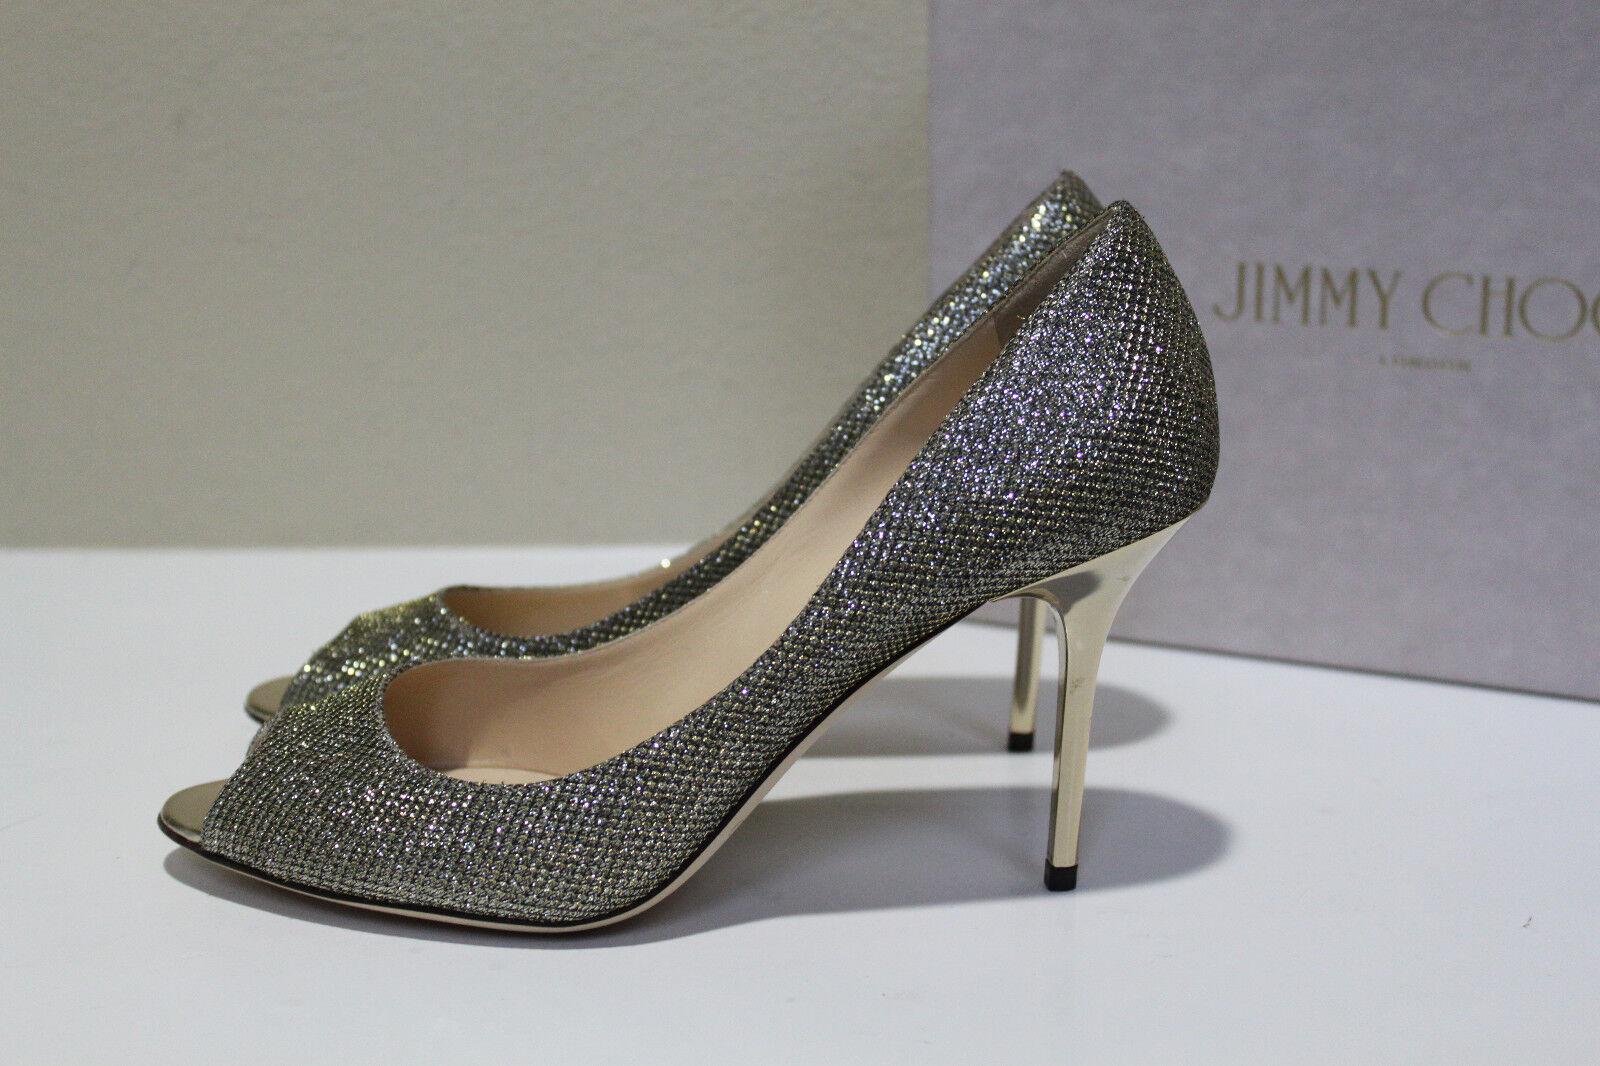 Sz 10.5 40.5 Jimmy Choo Evelyn Argent Paillettes Bout Ouvert Sandale Talon Chaussures